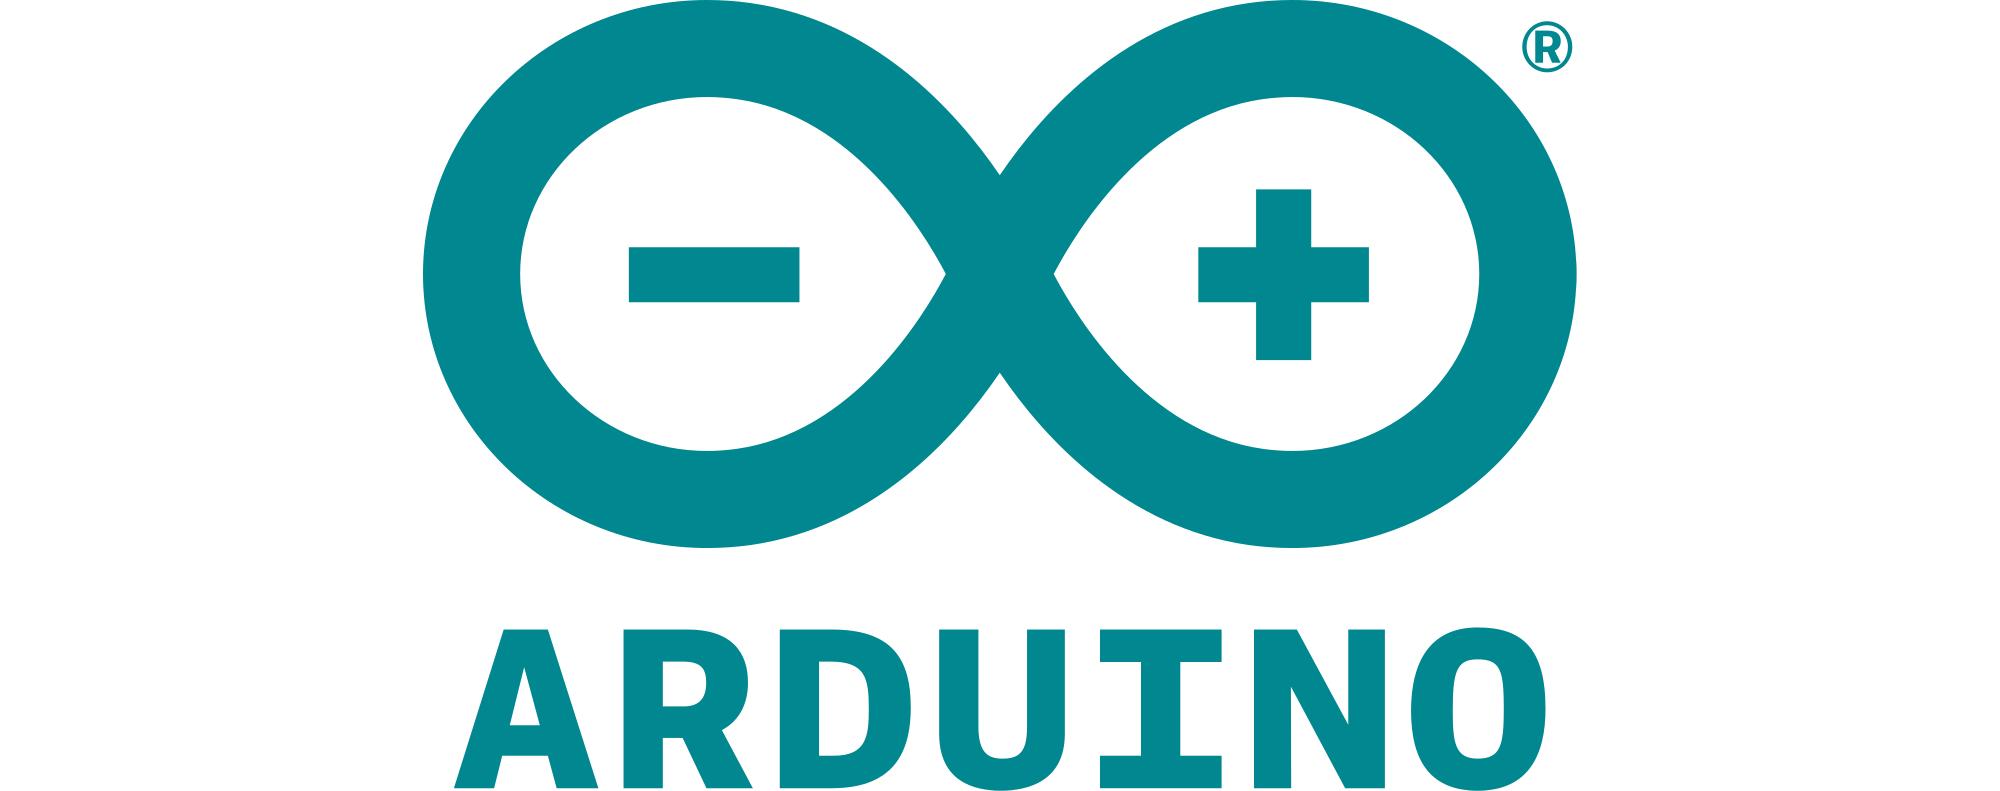 circuit_playground_Arduino_logo_teal.png